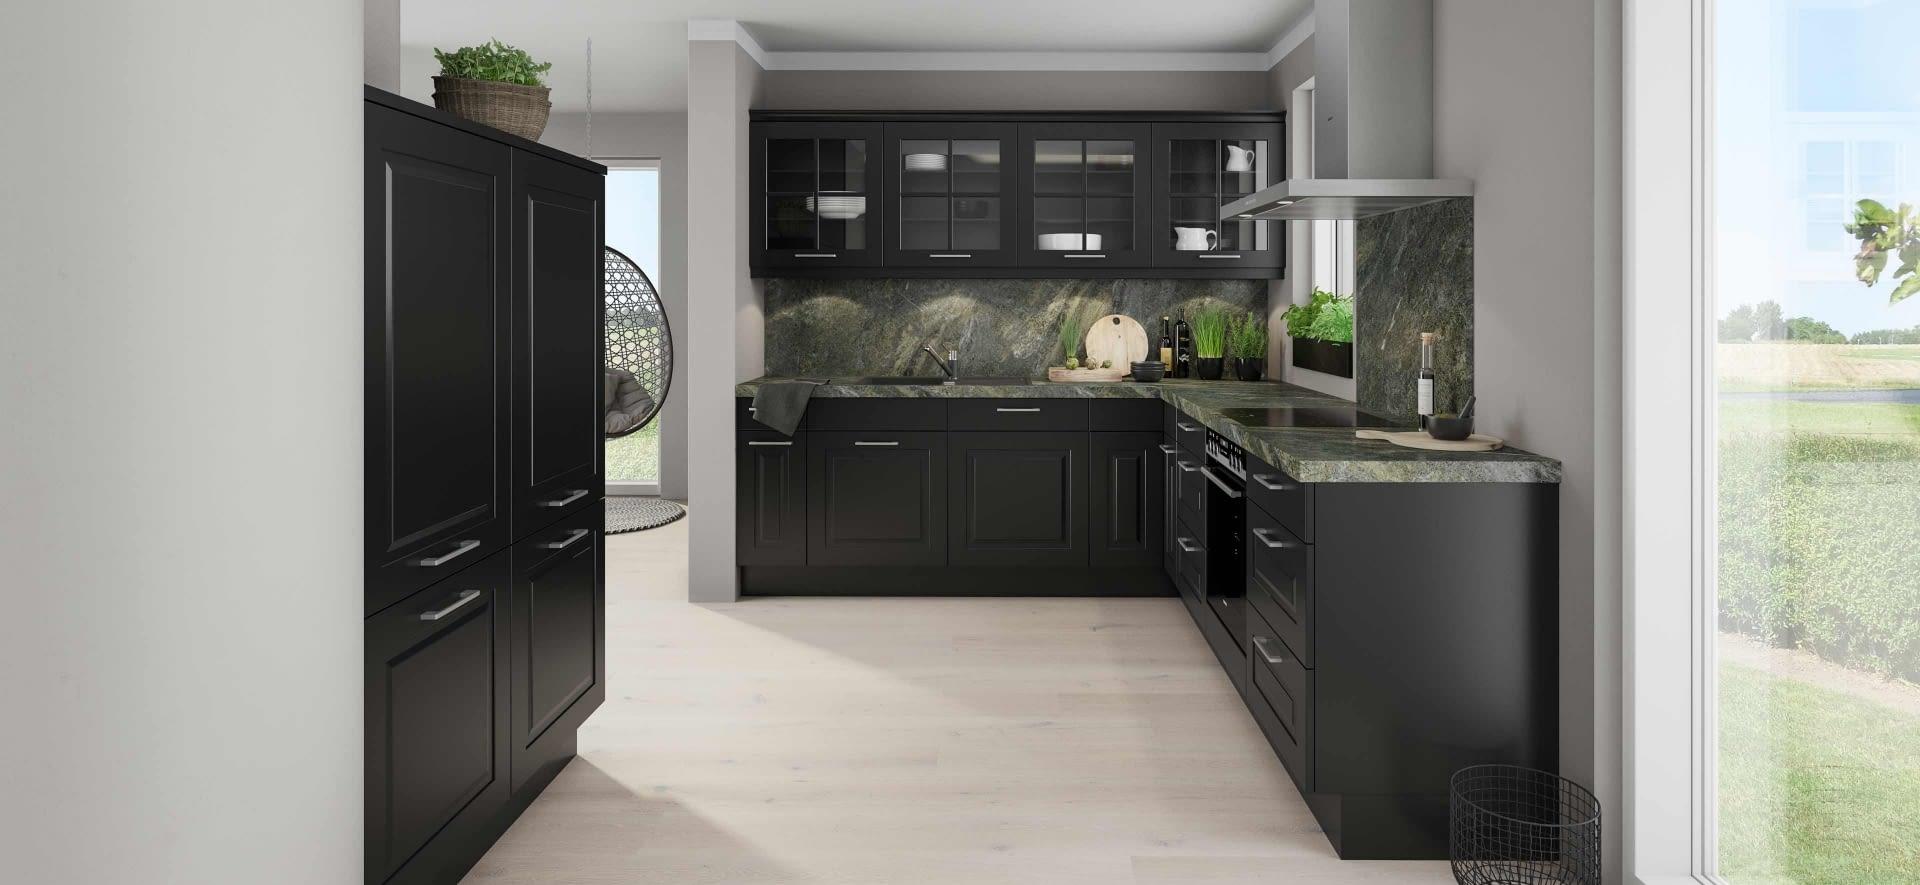 aktionsk che komfort siemens marquardt k chen. Black Bedroom Furniture Sets. Home Design Ideas